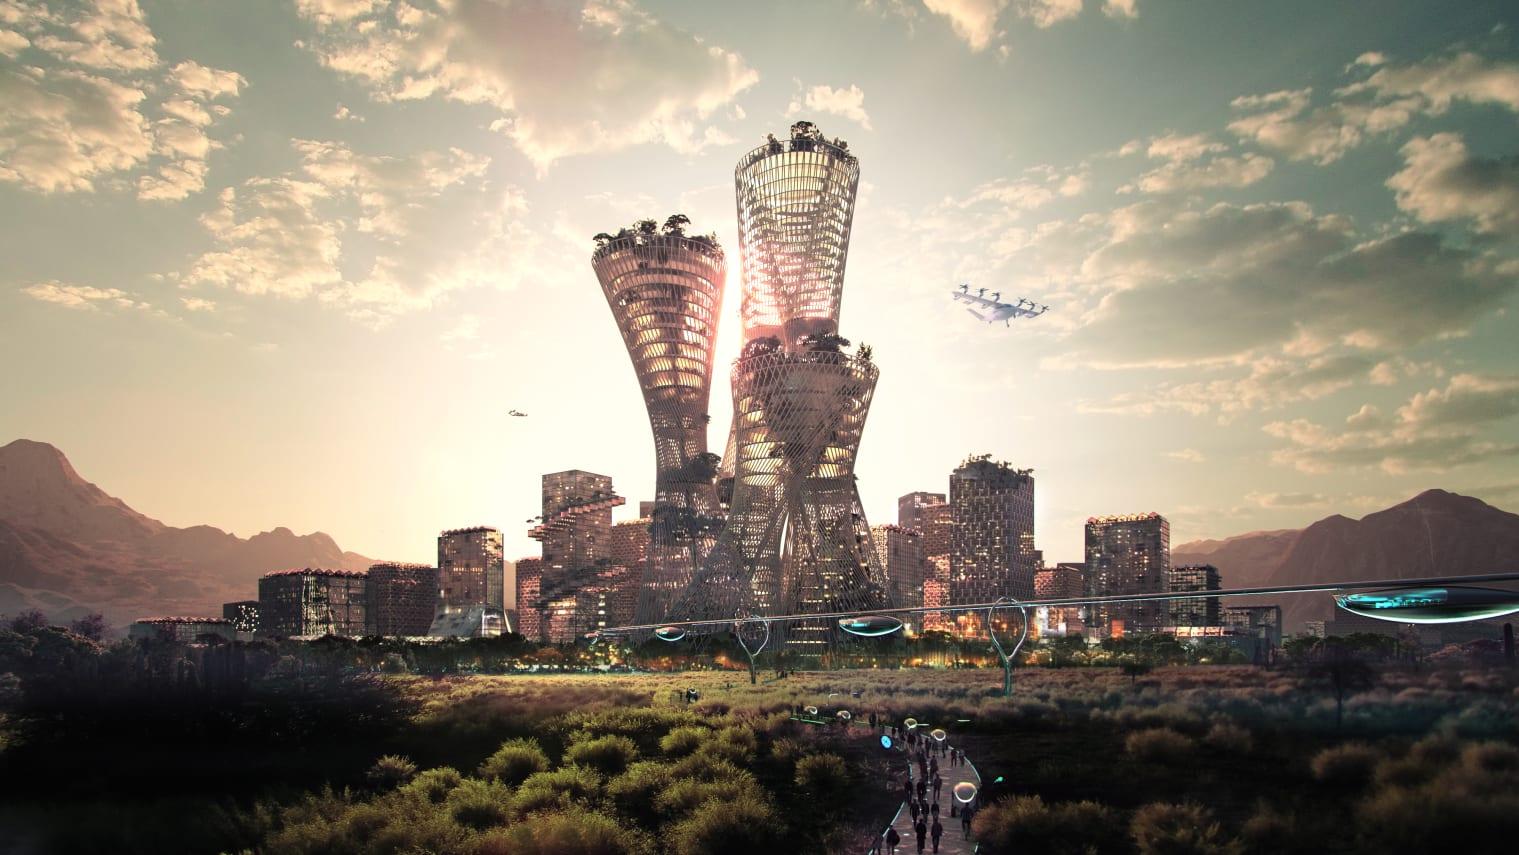 مدينة جديدة في الصحراء الأمريكية تبلغ تكلفتها 400 مليار دولار